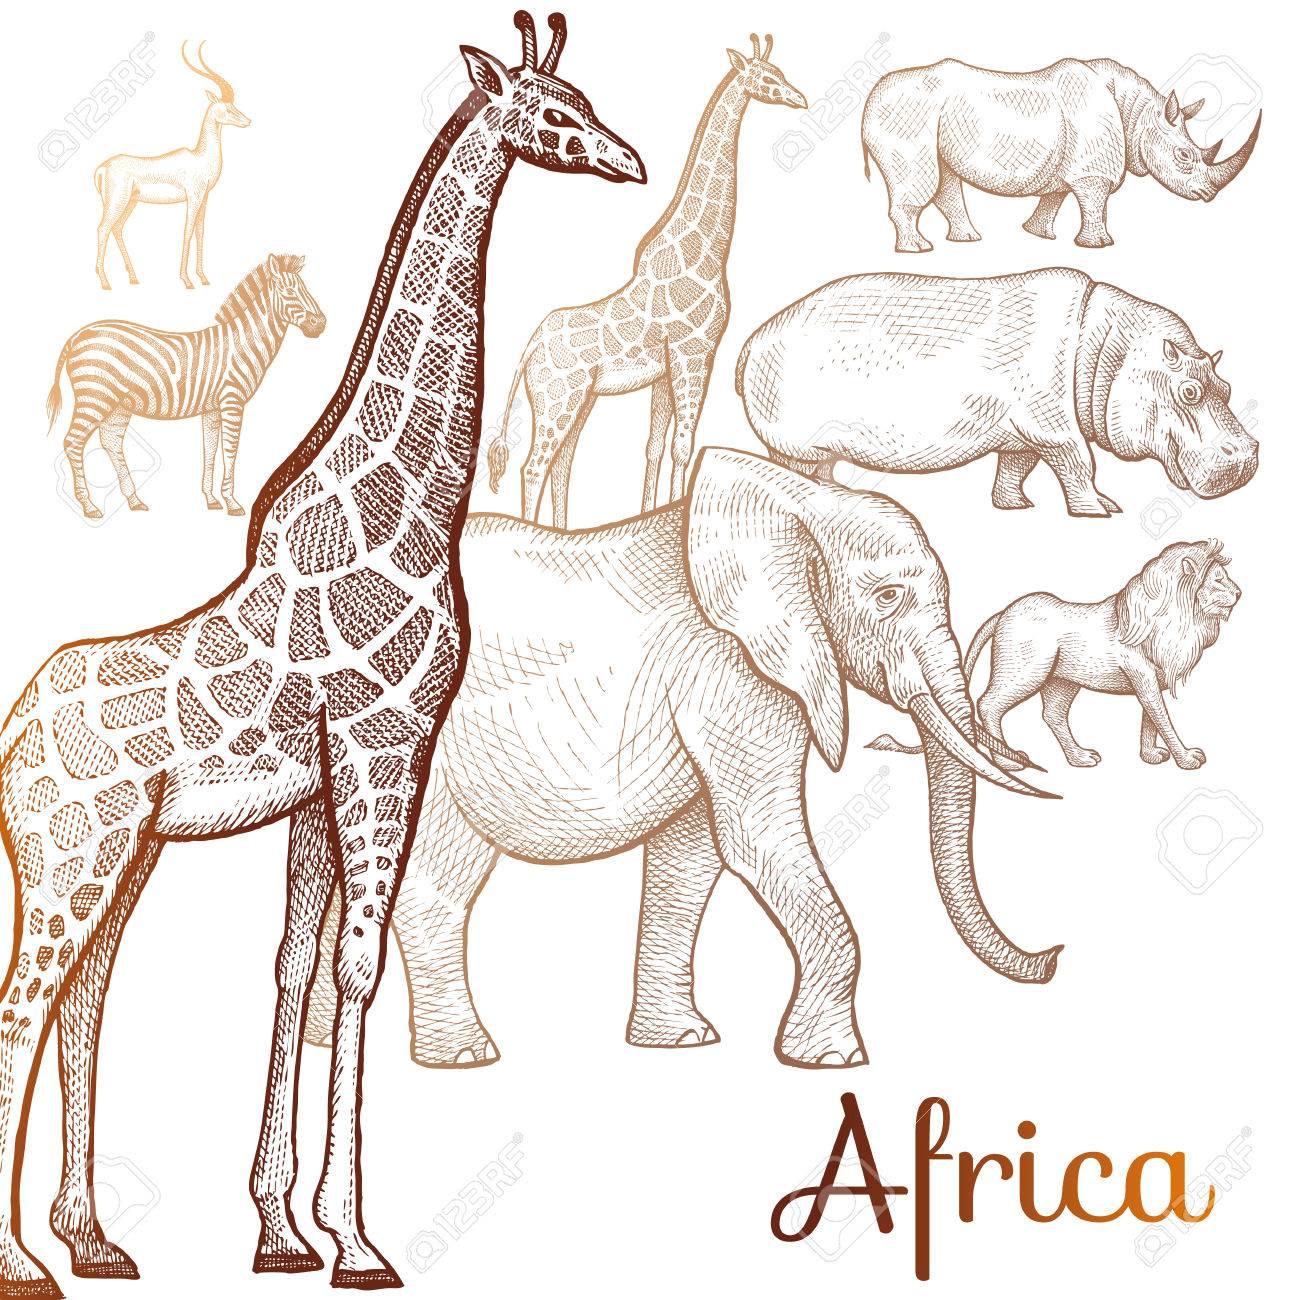 giraffe clipart.html